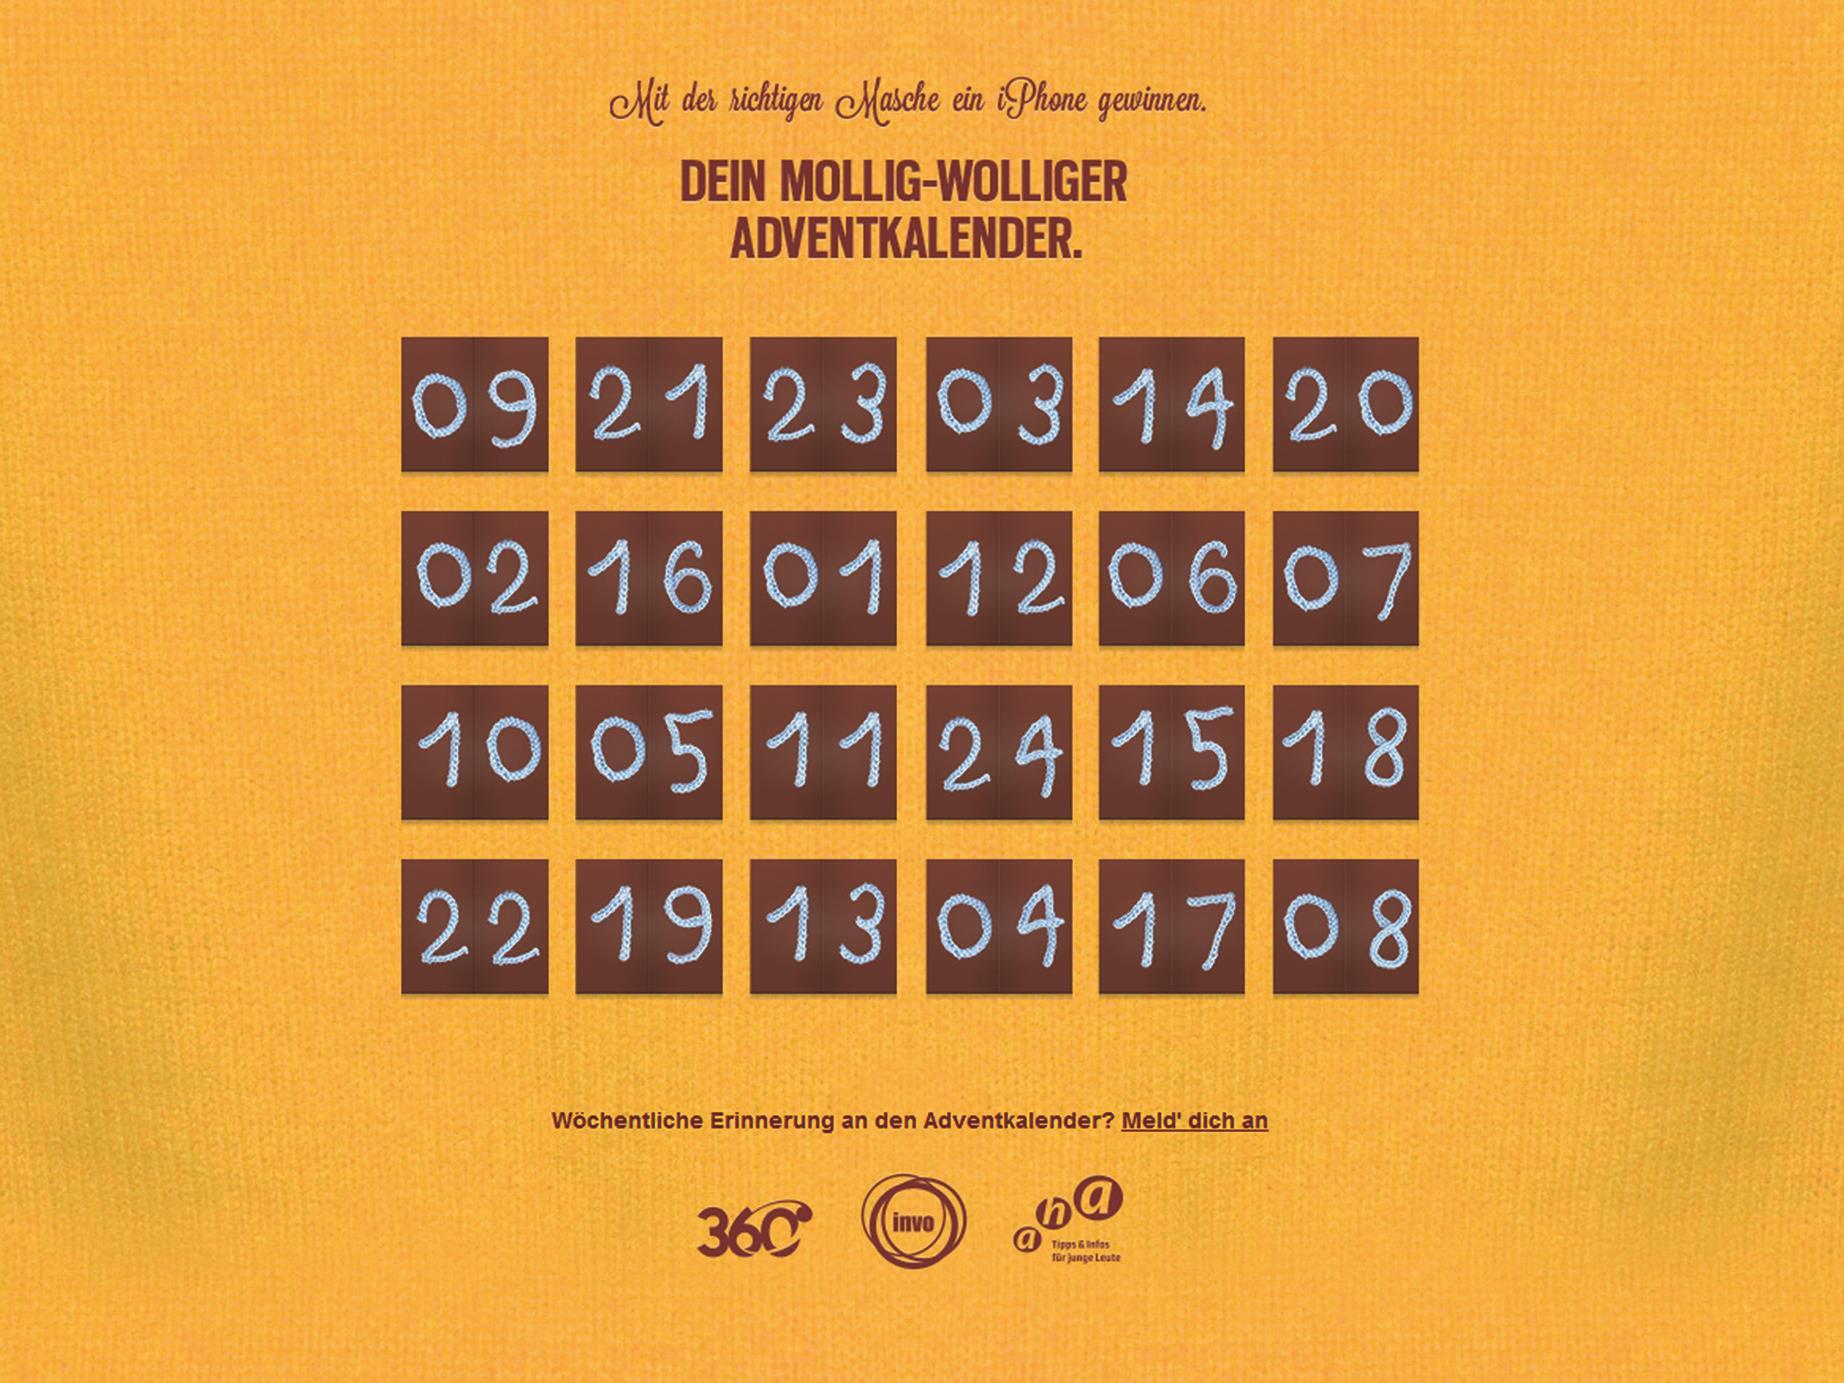 Jeden Tag wartet eine kleine Überraschung im Online-Adventkalender unter www.360card.at/adventkalender.